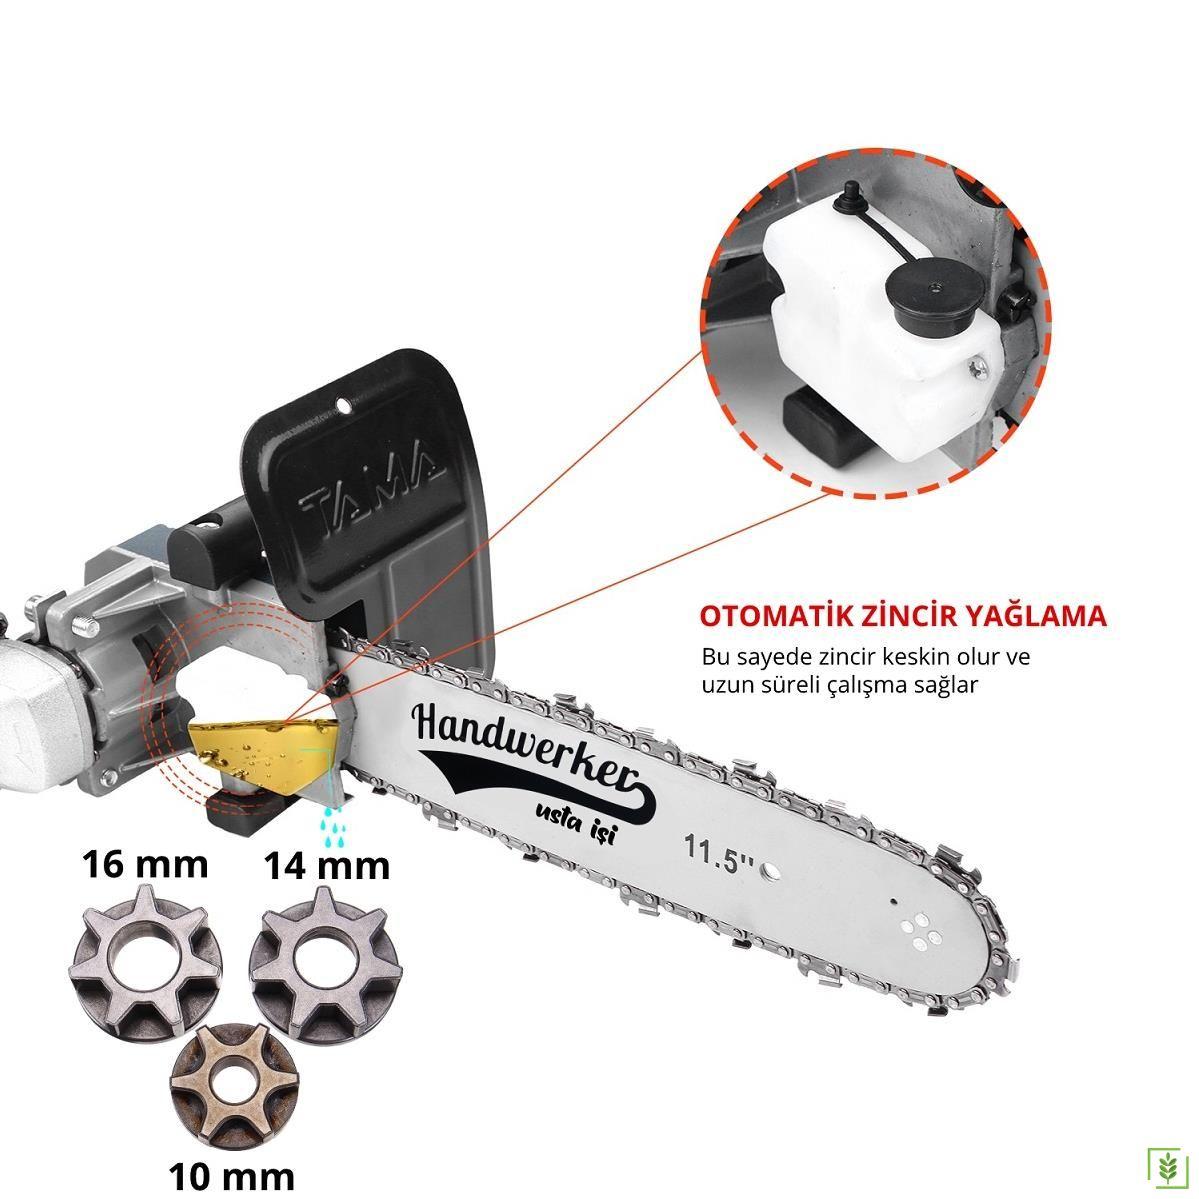 Otomatik Yağlamalı Avuç Taşlama Zincirli Testere Aparatı 10-14-16 mm